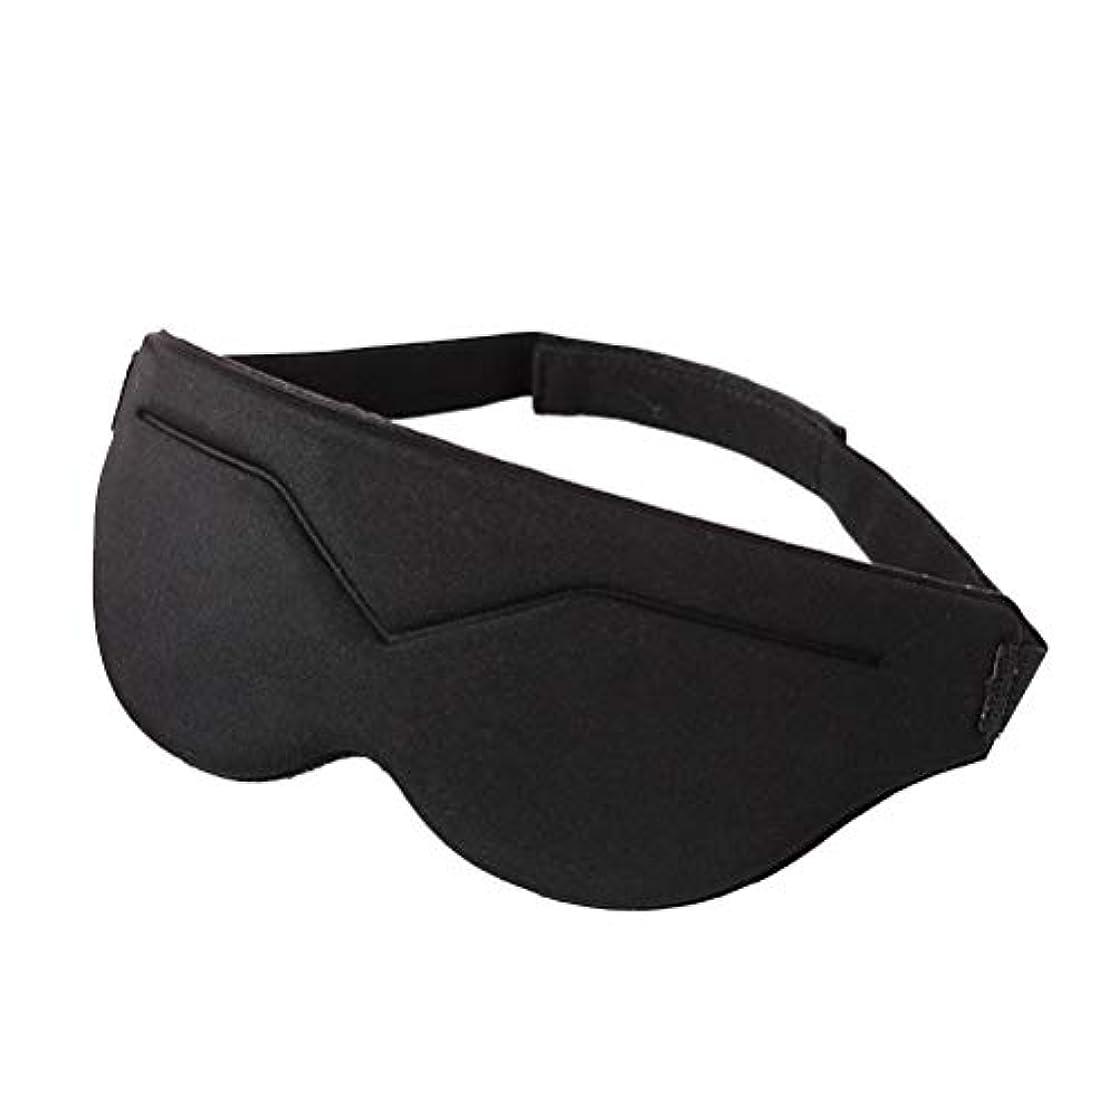 マネージャー数値凝視Suvox睡眠マスク3dぬいぐるみアイマスクアロマ目隠しアイカバー用女性男性子供ホームベッドオフィス旅行フライトカーキャンプ